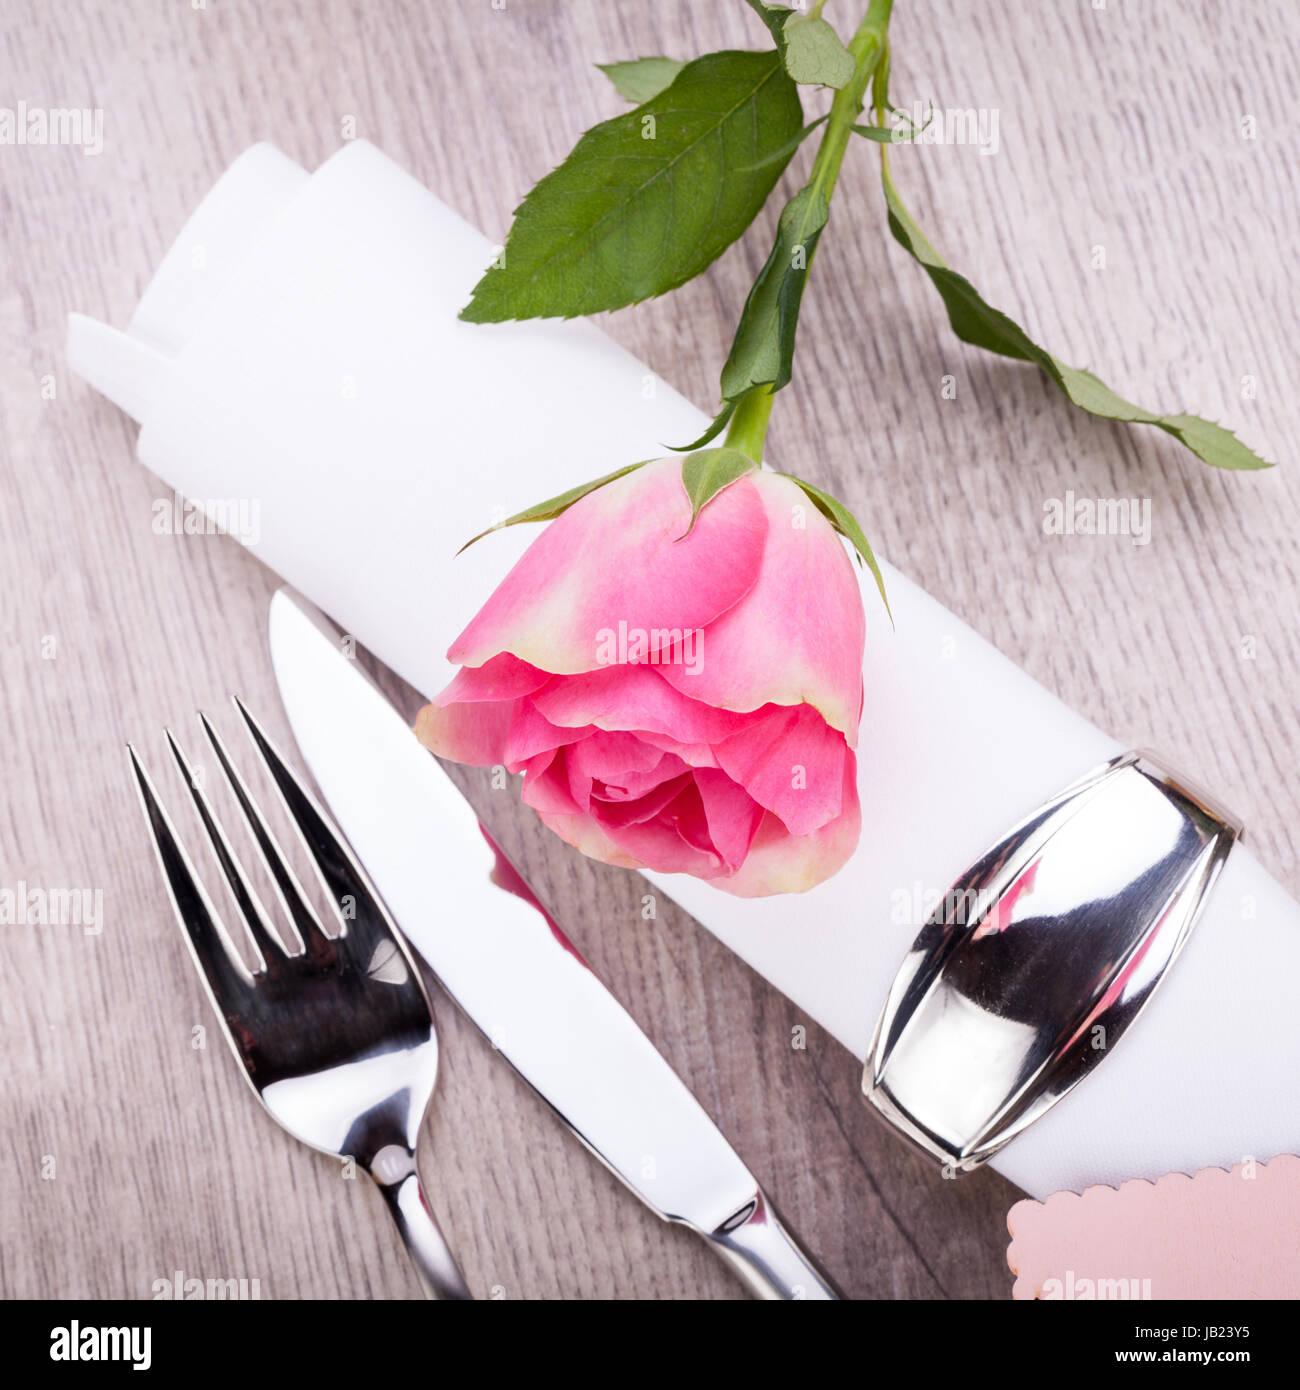 Romantisch Gedeckter Tisch Mit Silberbesteck Und Einer Rose In Pink  Geburtstag Valentinstag Essen Menü Muttertag